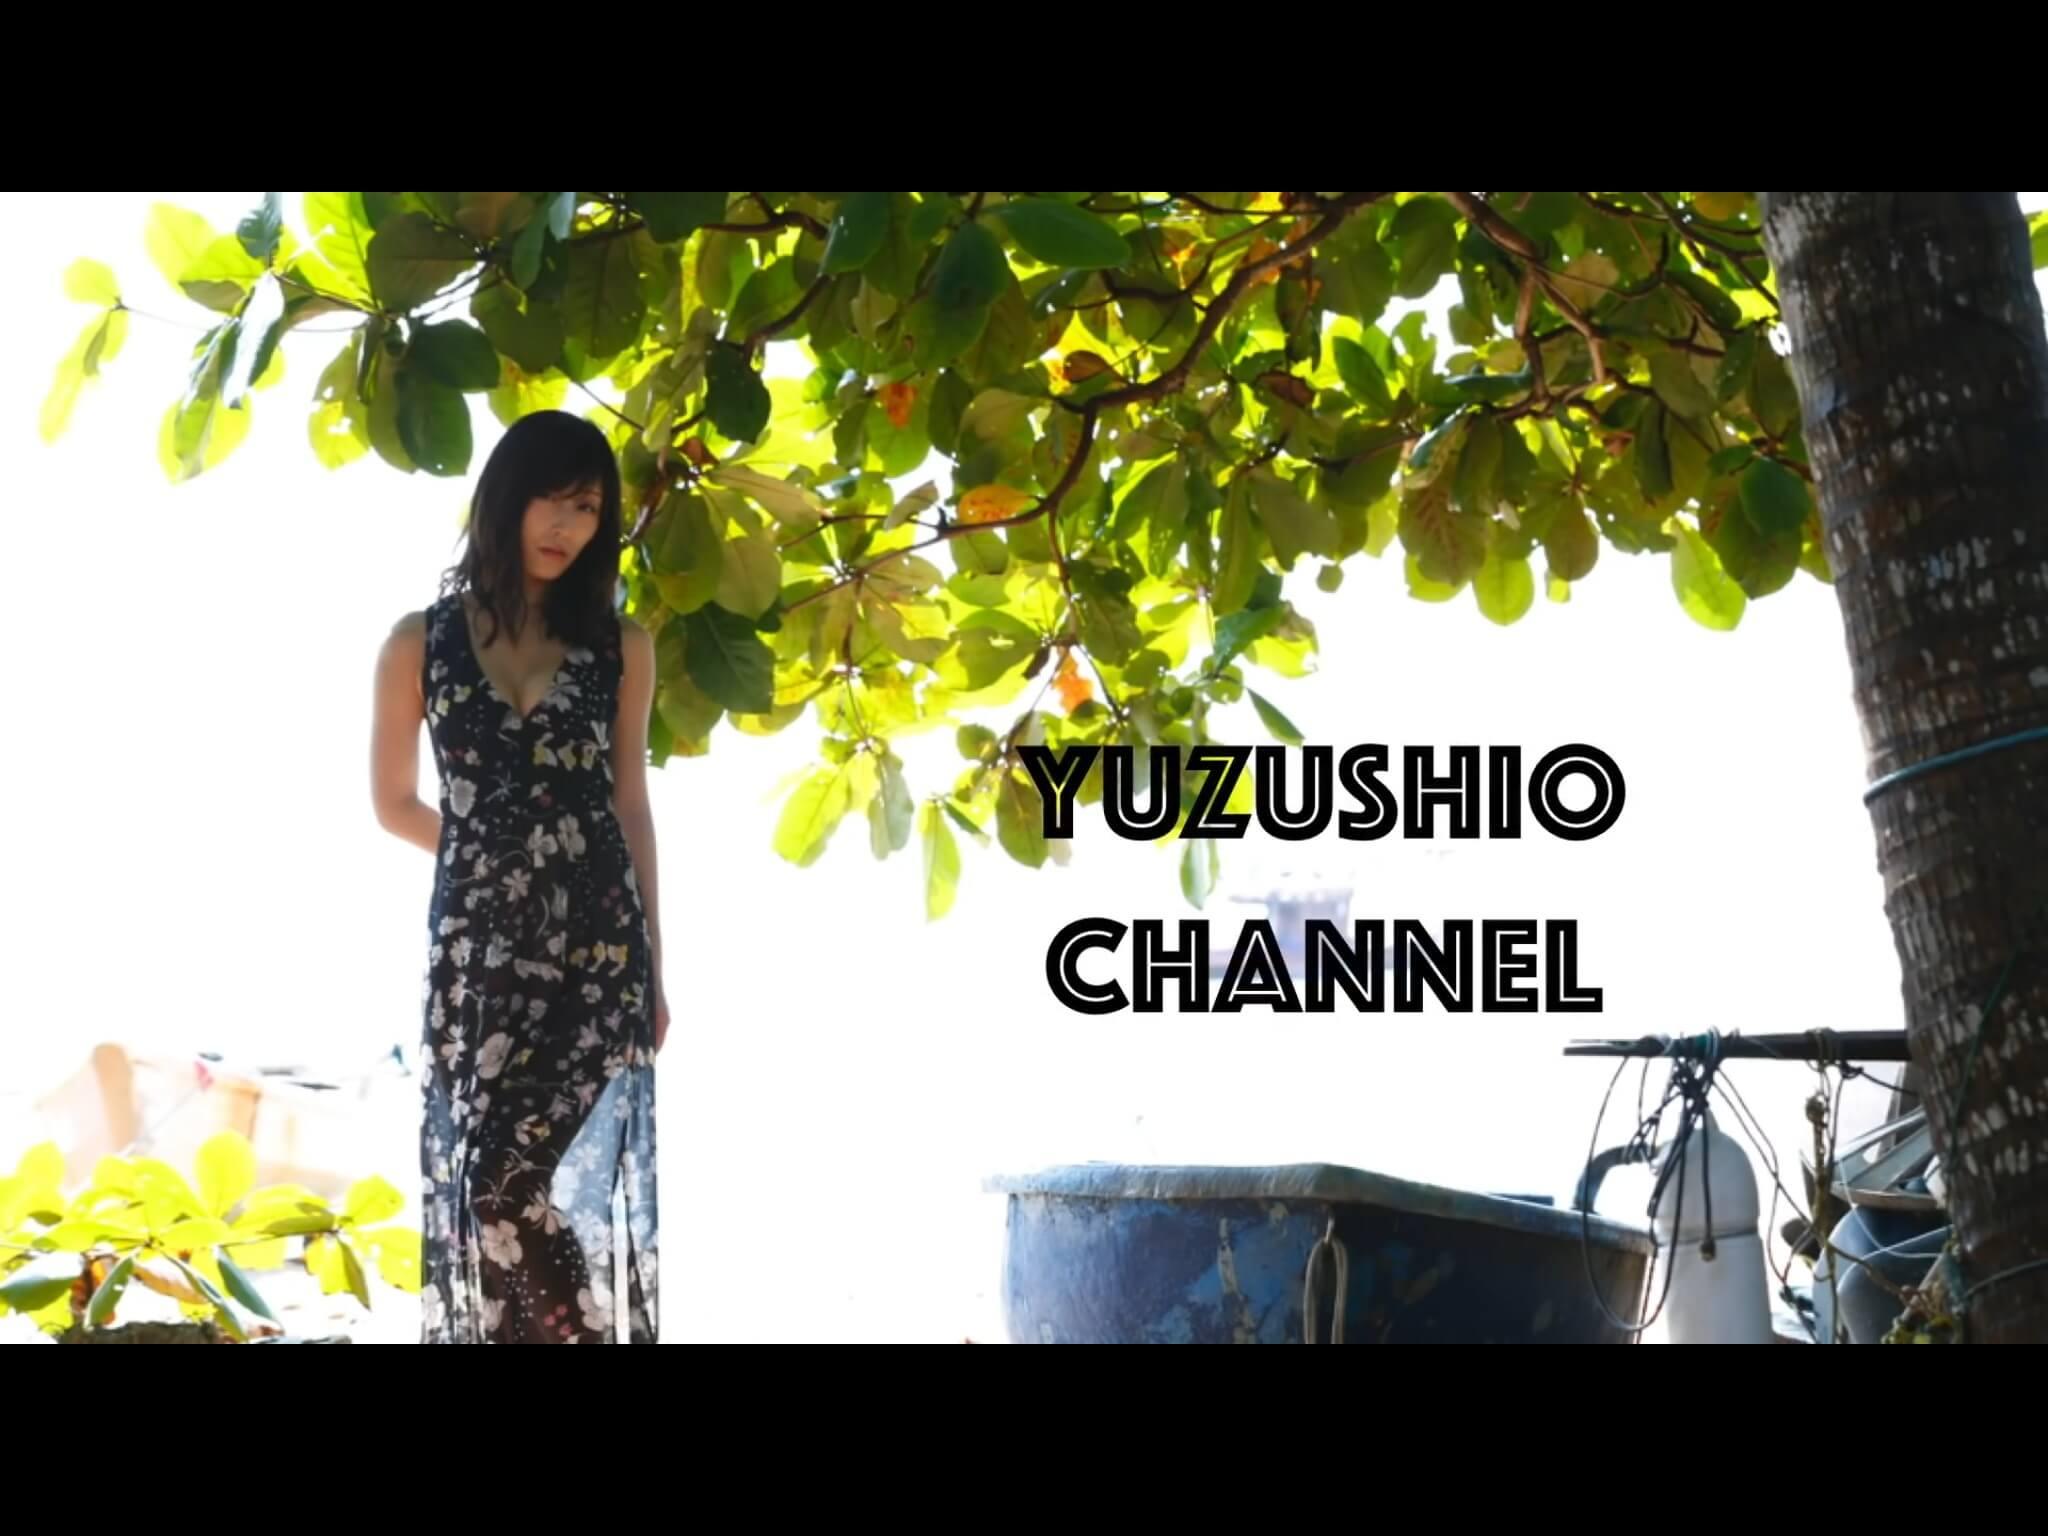 チャンネル 柚木